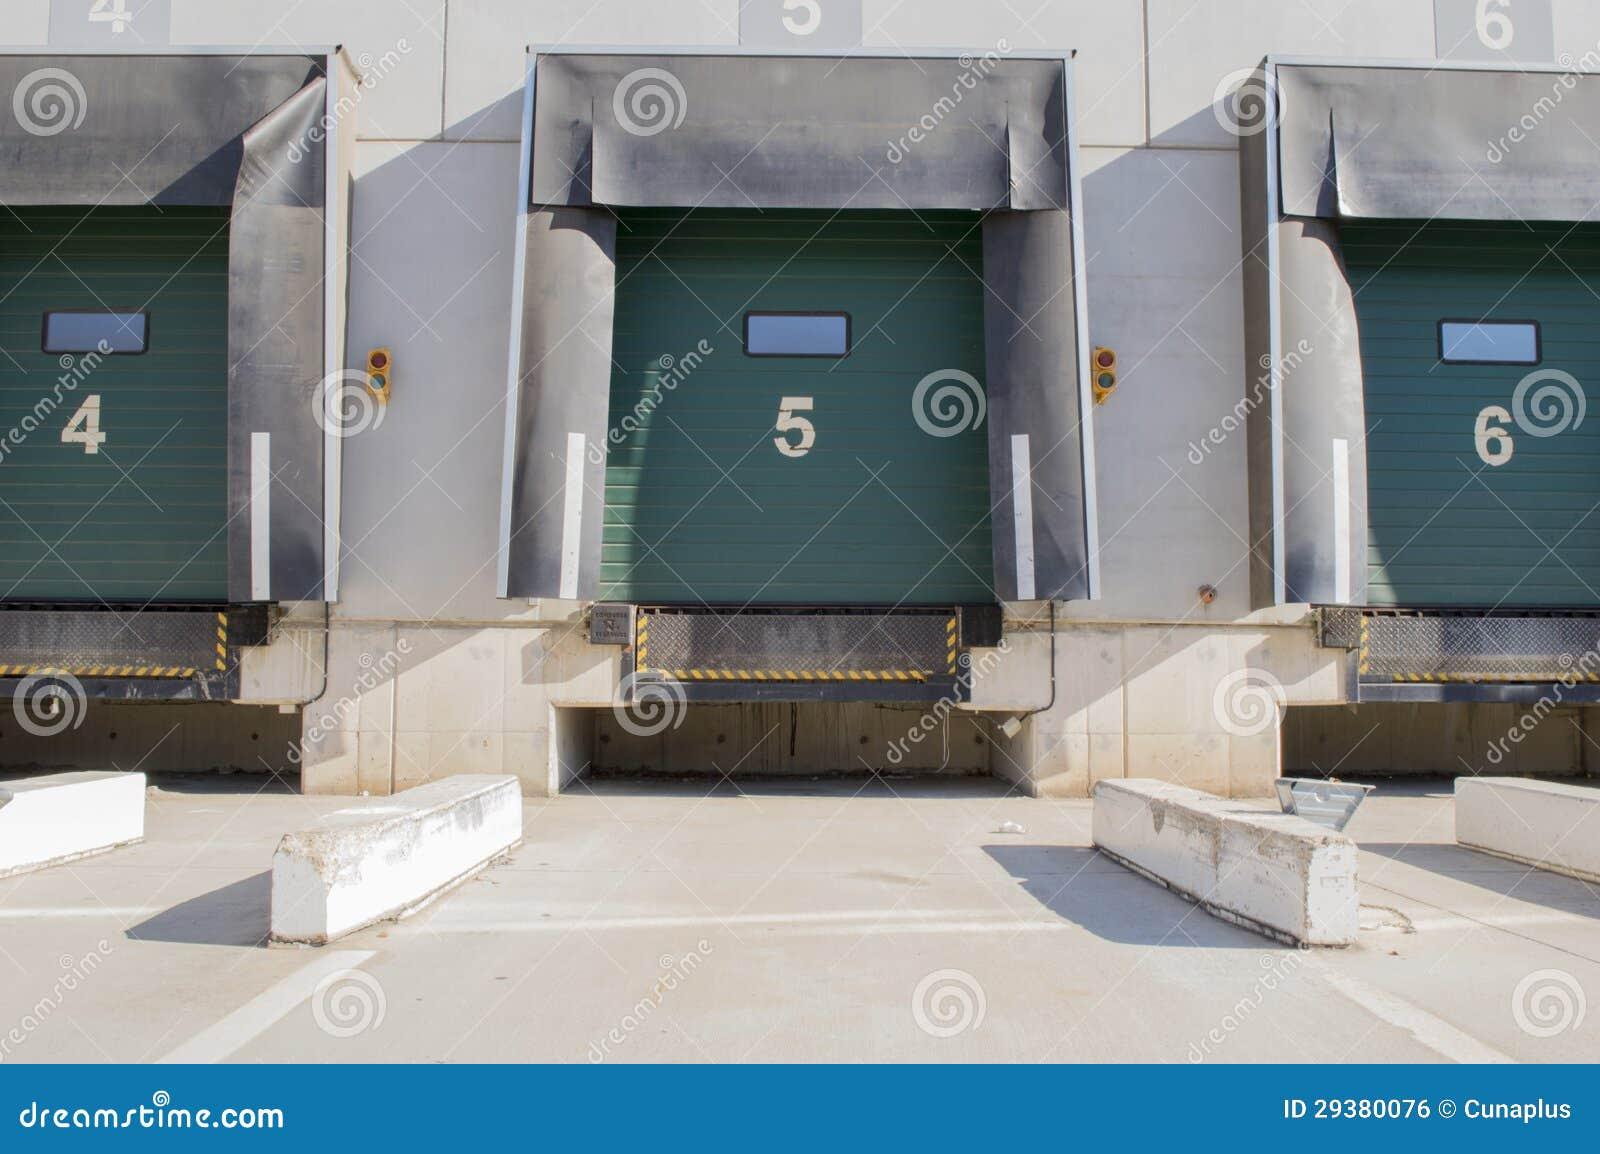 Den ladda fjärden för åker lastbil med numrerar